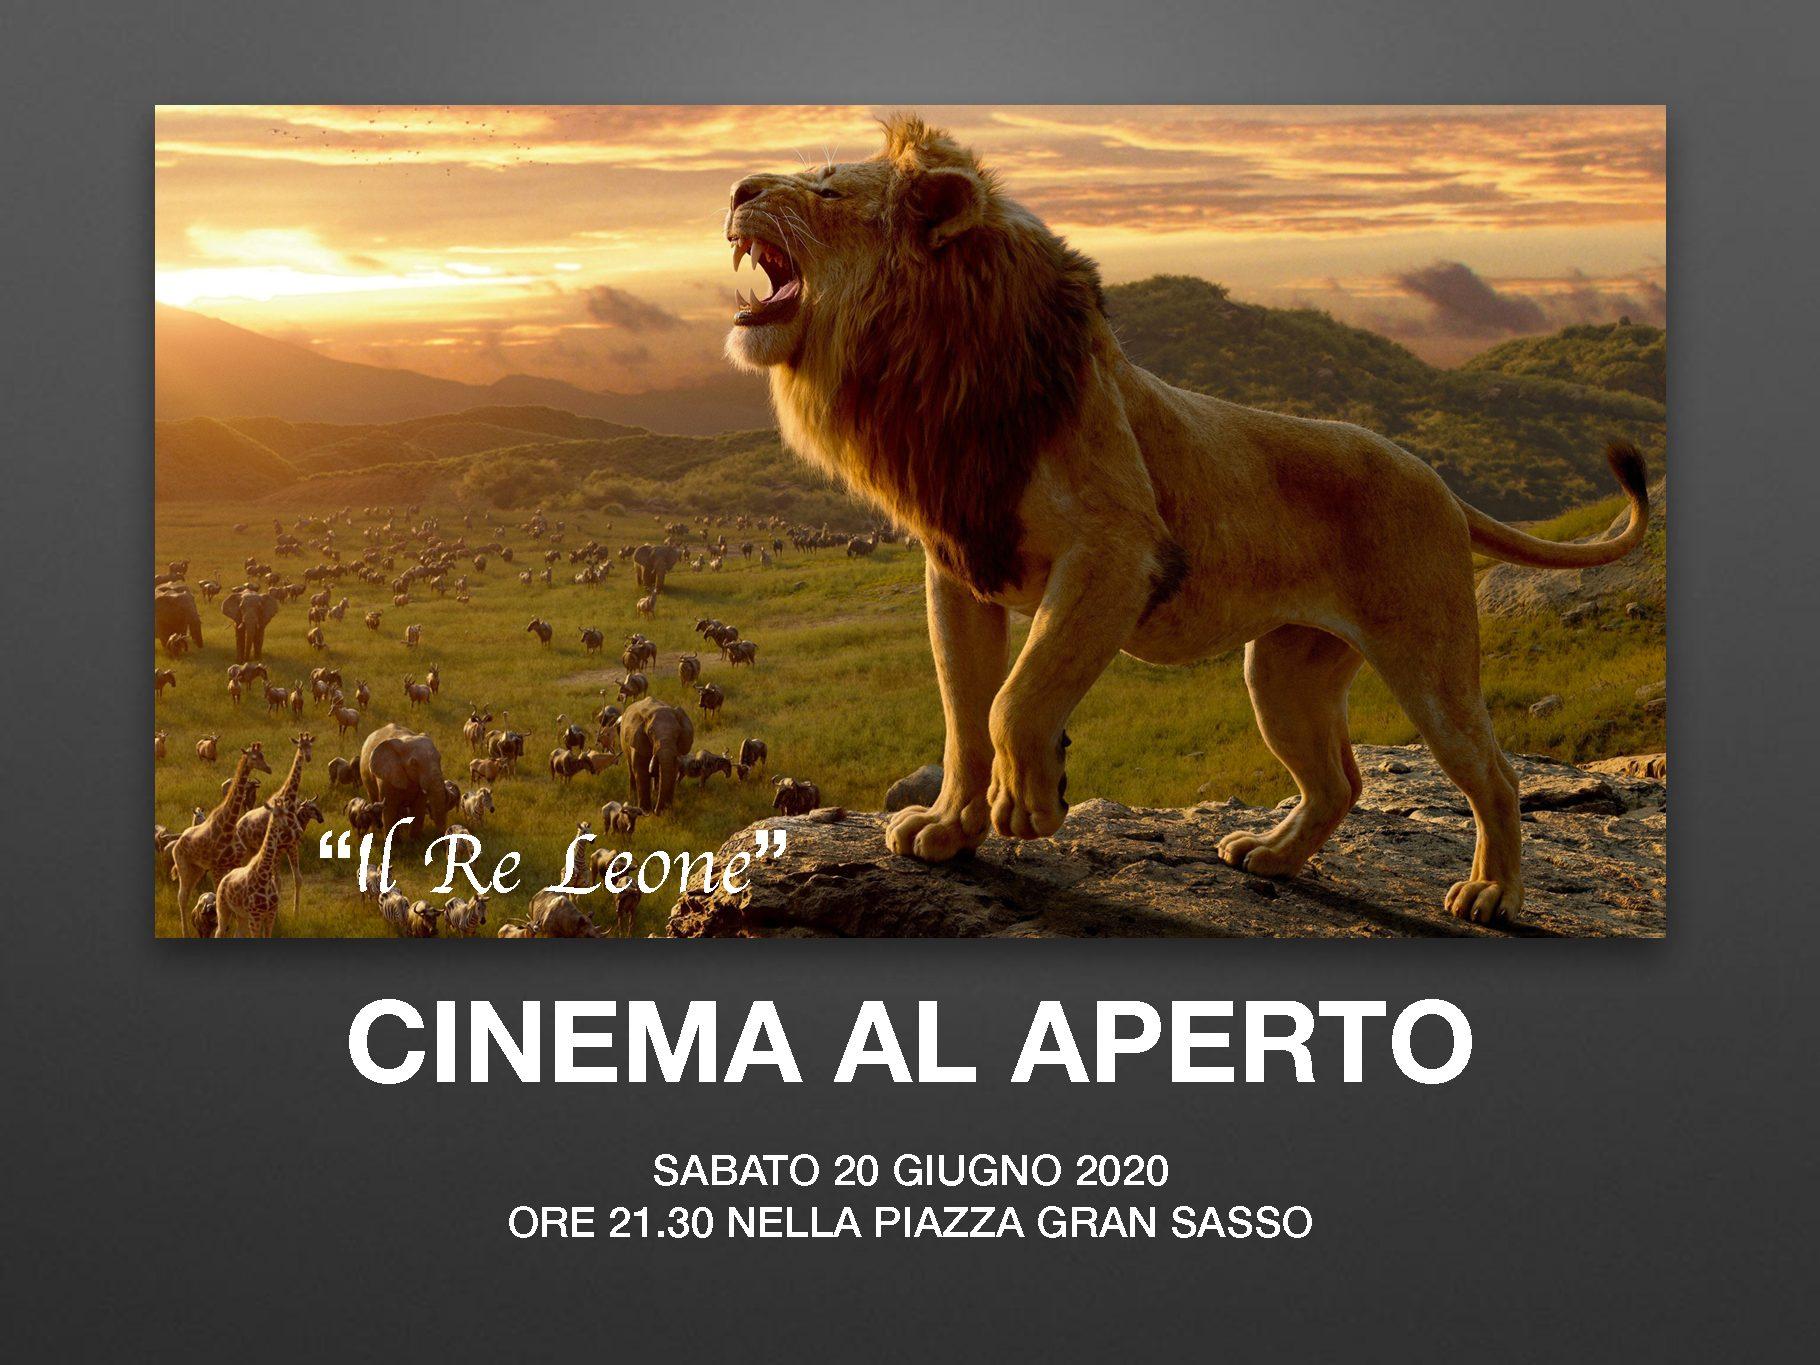 Cinema all'aperto – Sabato sera 20 Giugno